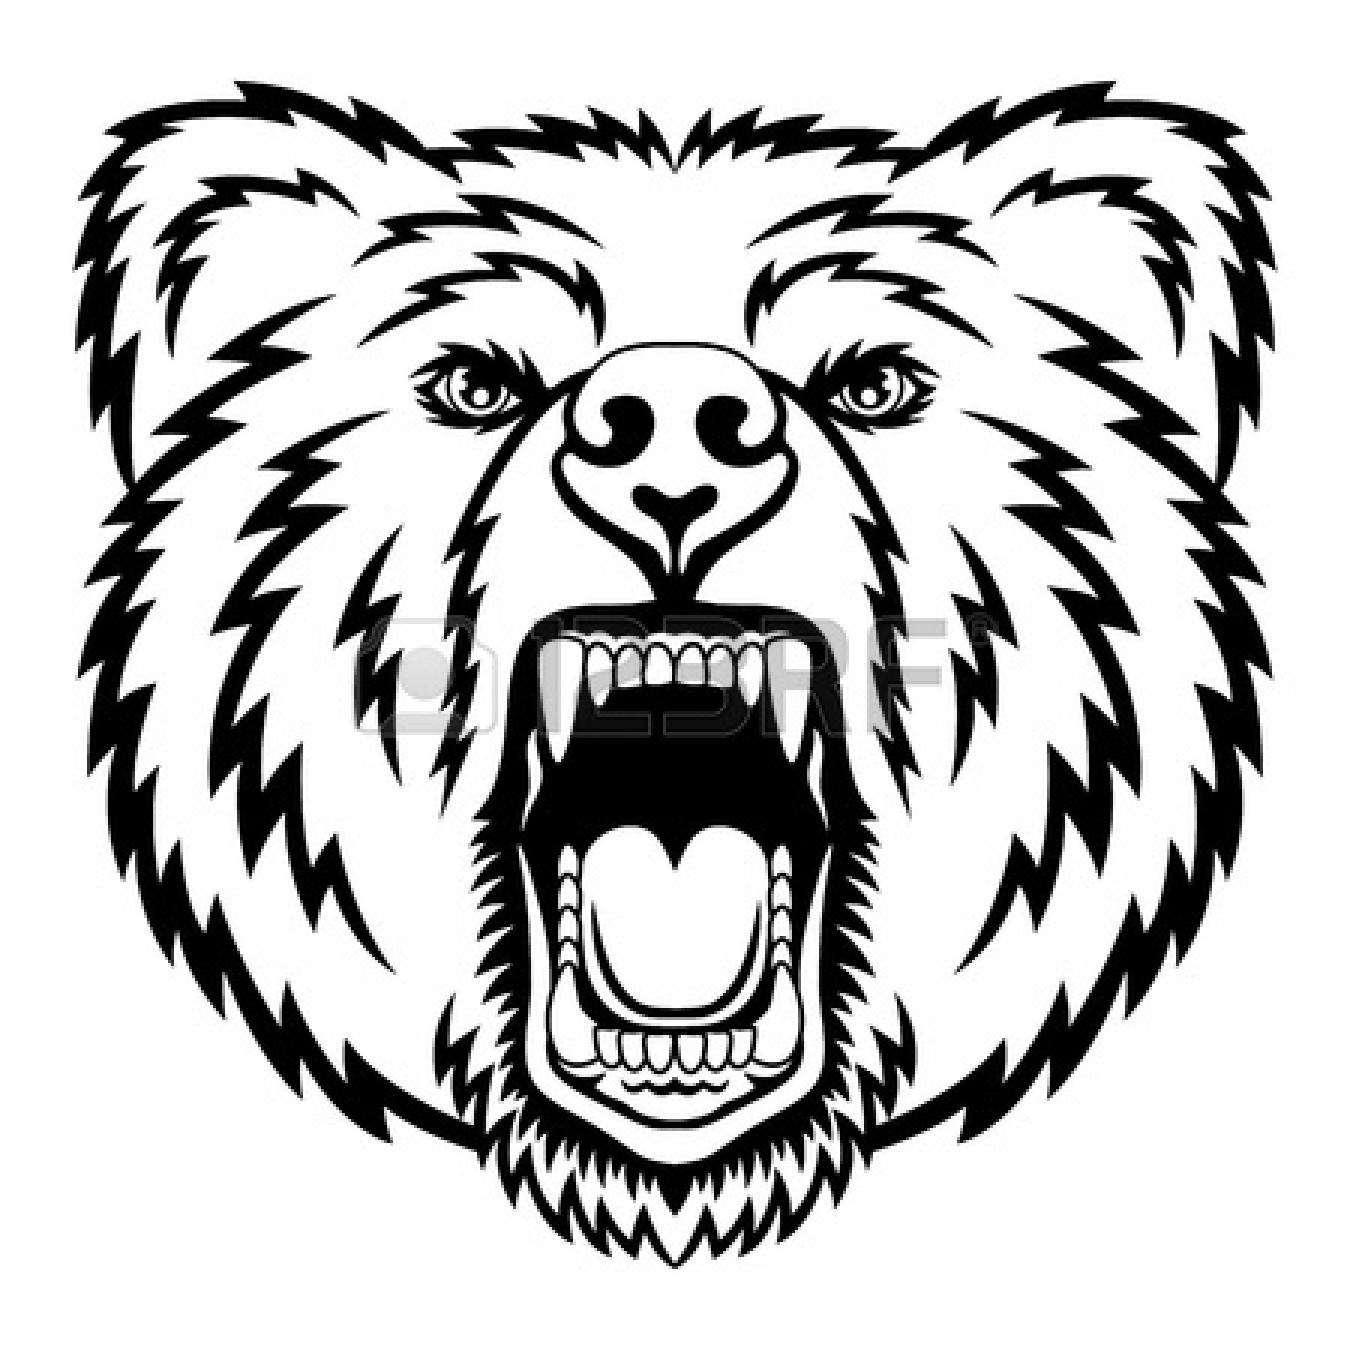 ... -bear-drawing-clipart-panda-free-clipart-images-EluuaJ-clipart.jpg